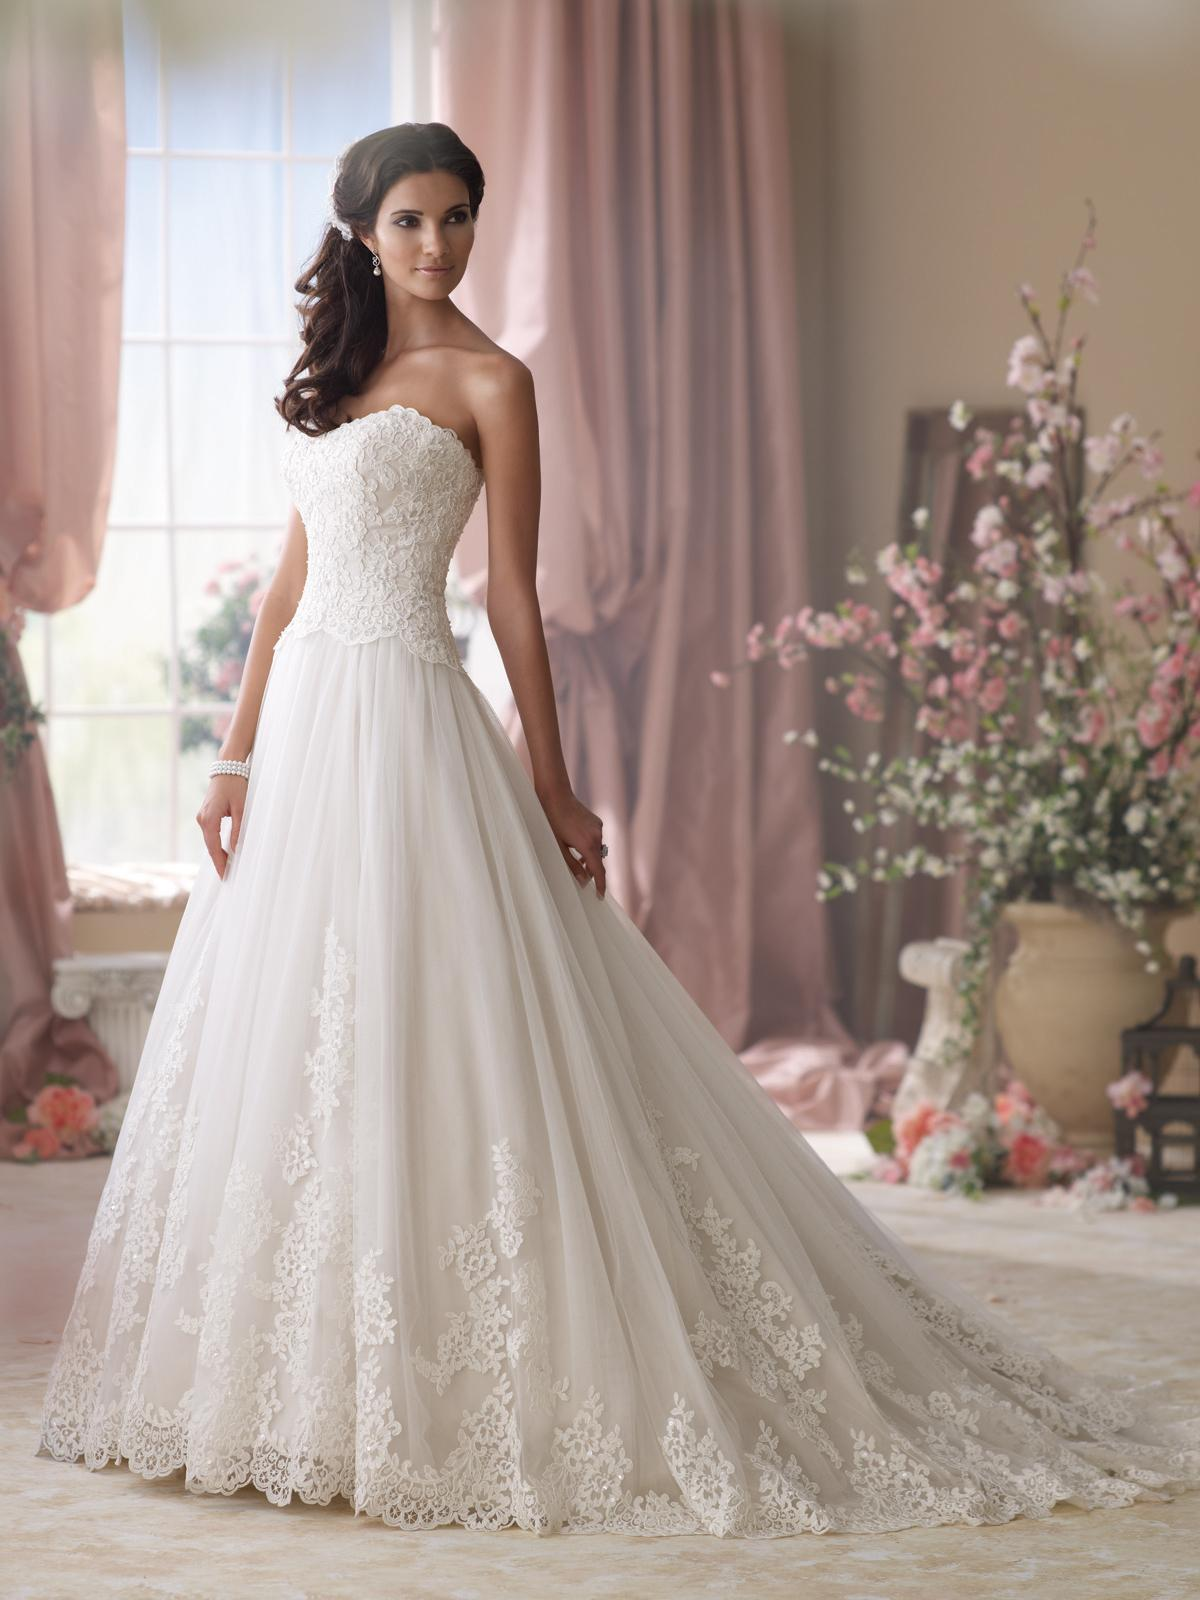 Svadobné šaty, čo sa mi páčia :) - Obrázok č. 52